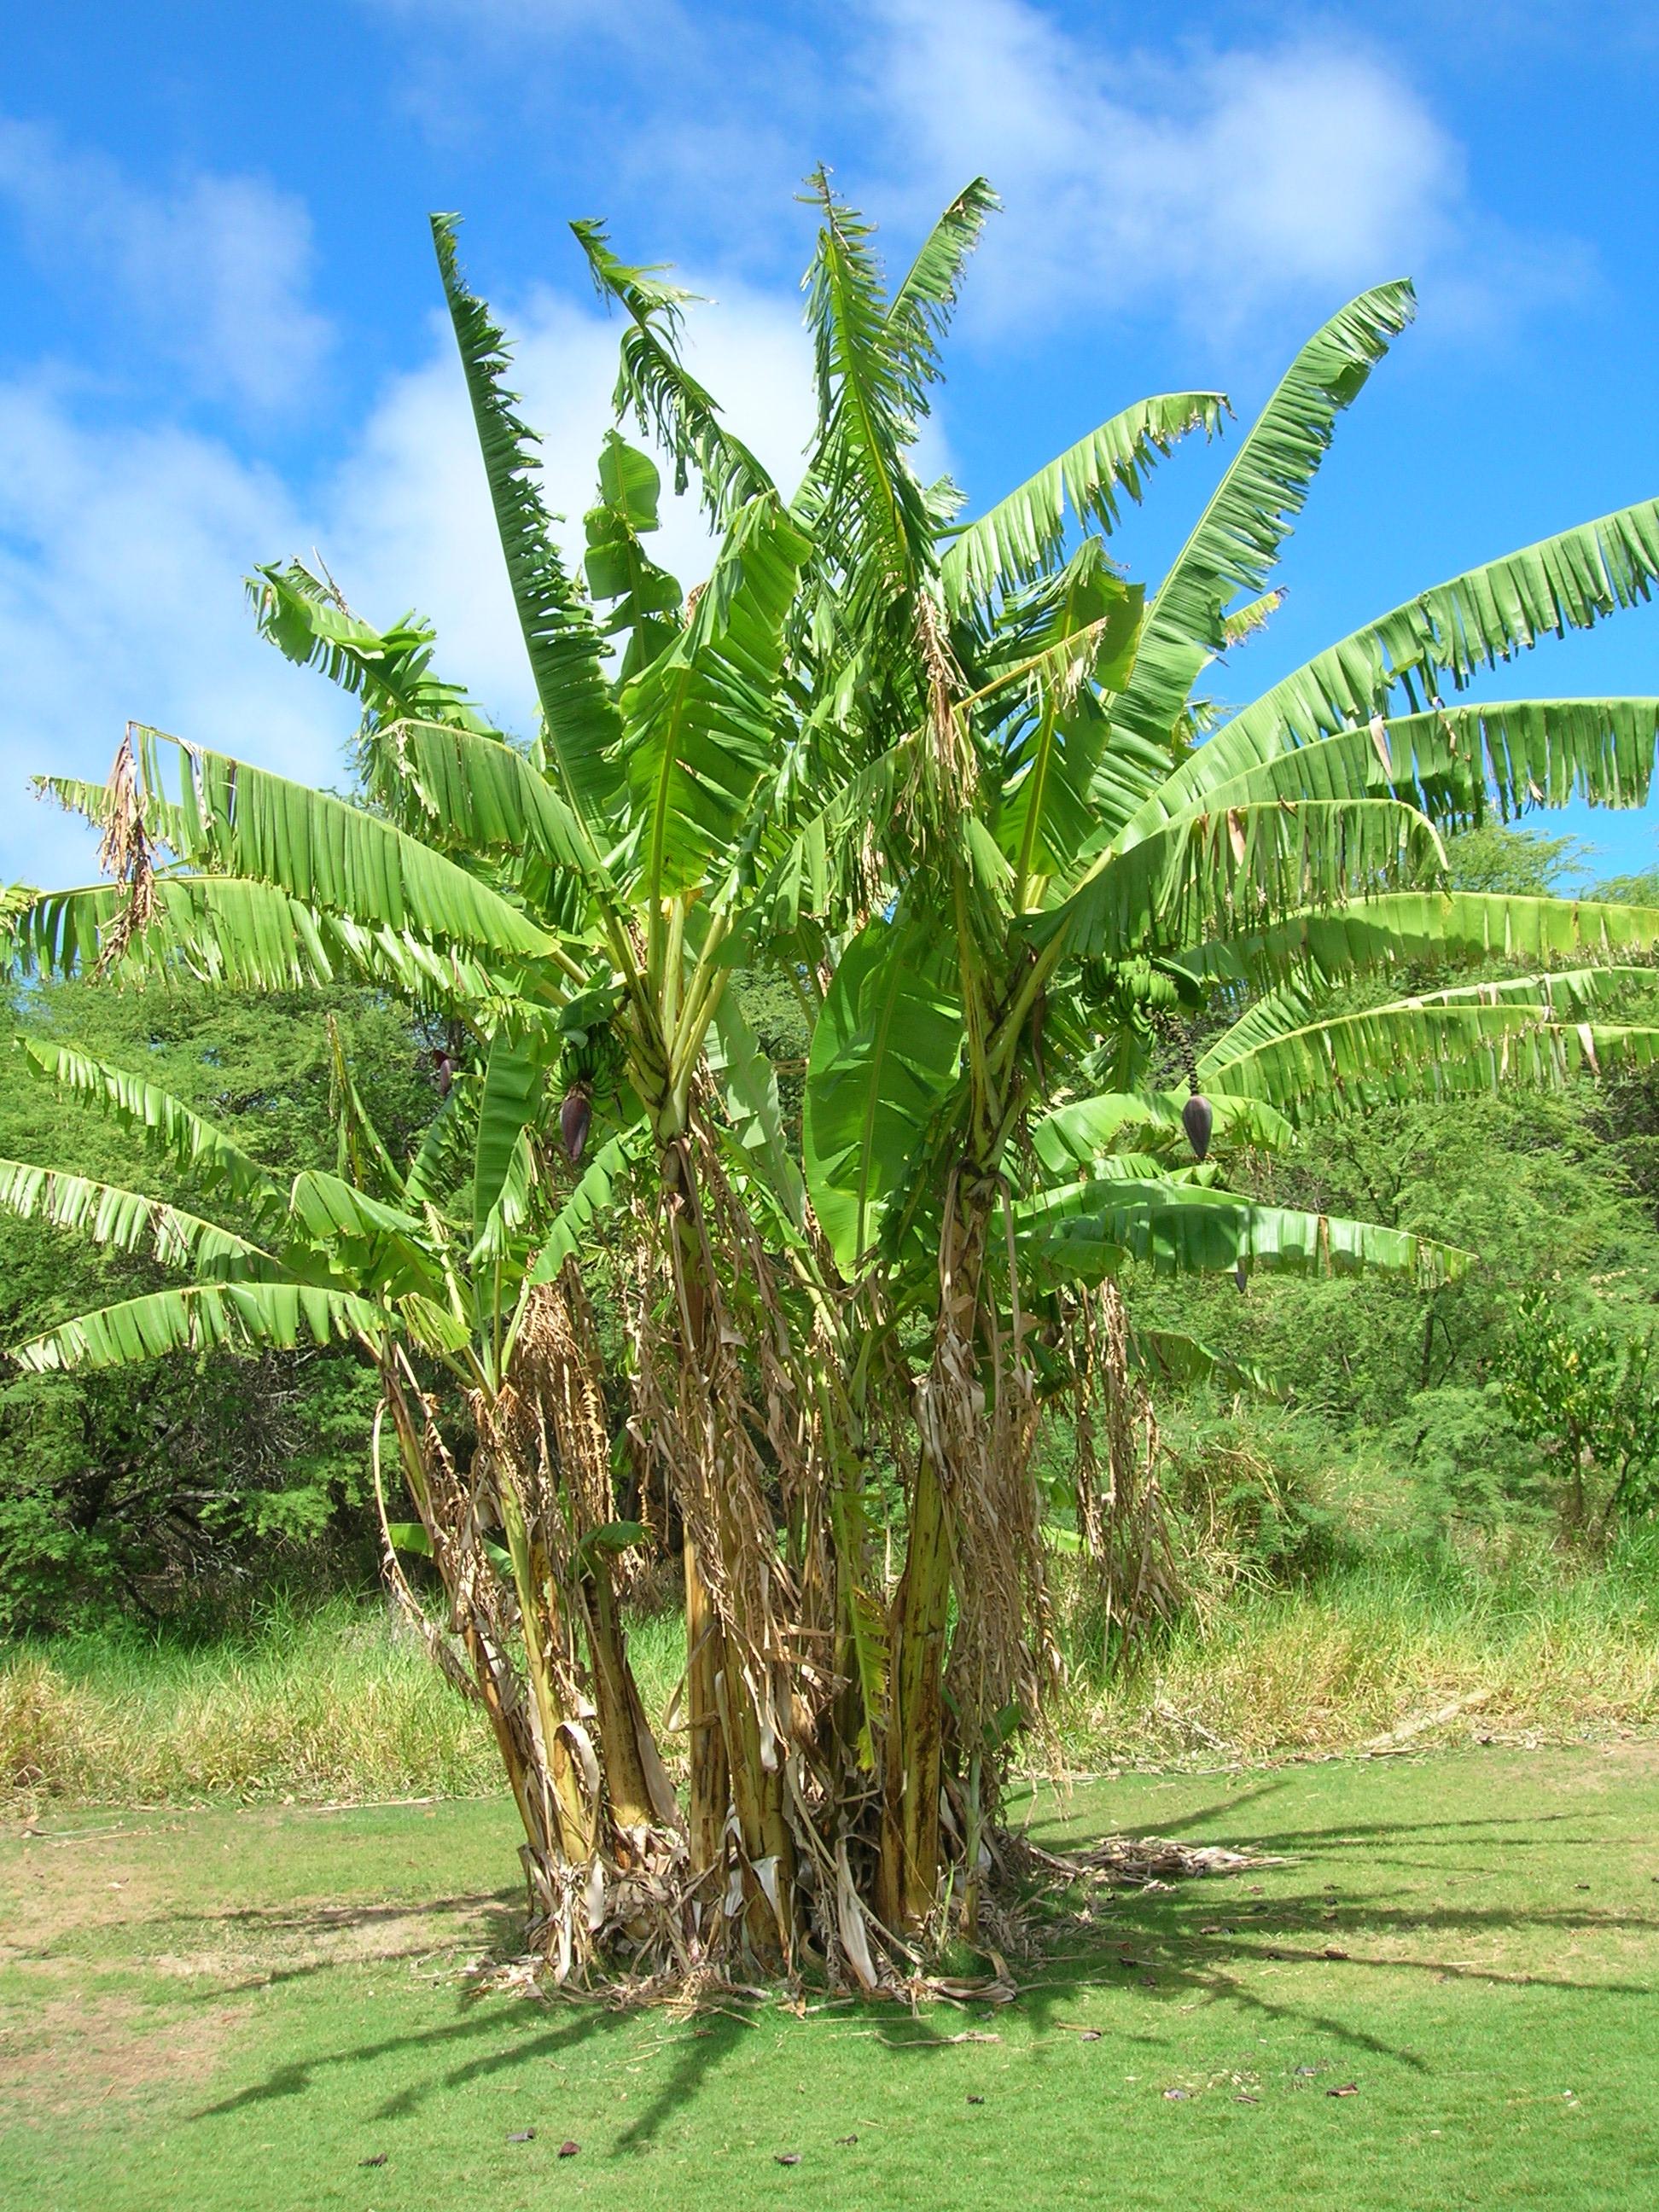 Ciri Ciri Pohon Pisang : pohon, pisang, Pisang, Wikipedia, Bahasa, Indonesia,, Ensiklopedia, Bebas